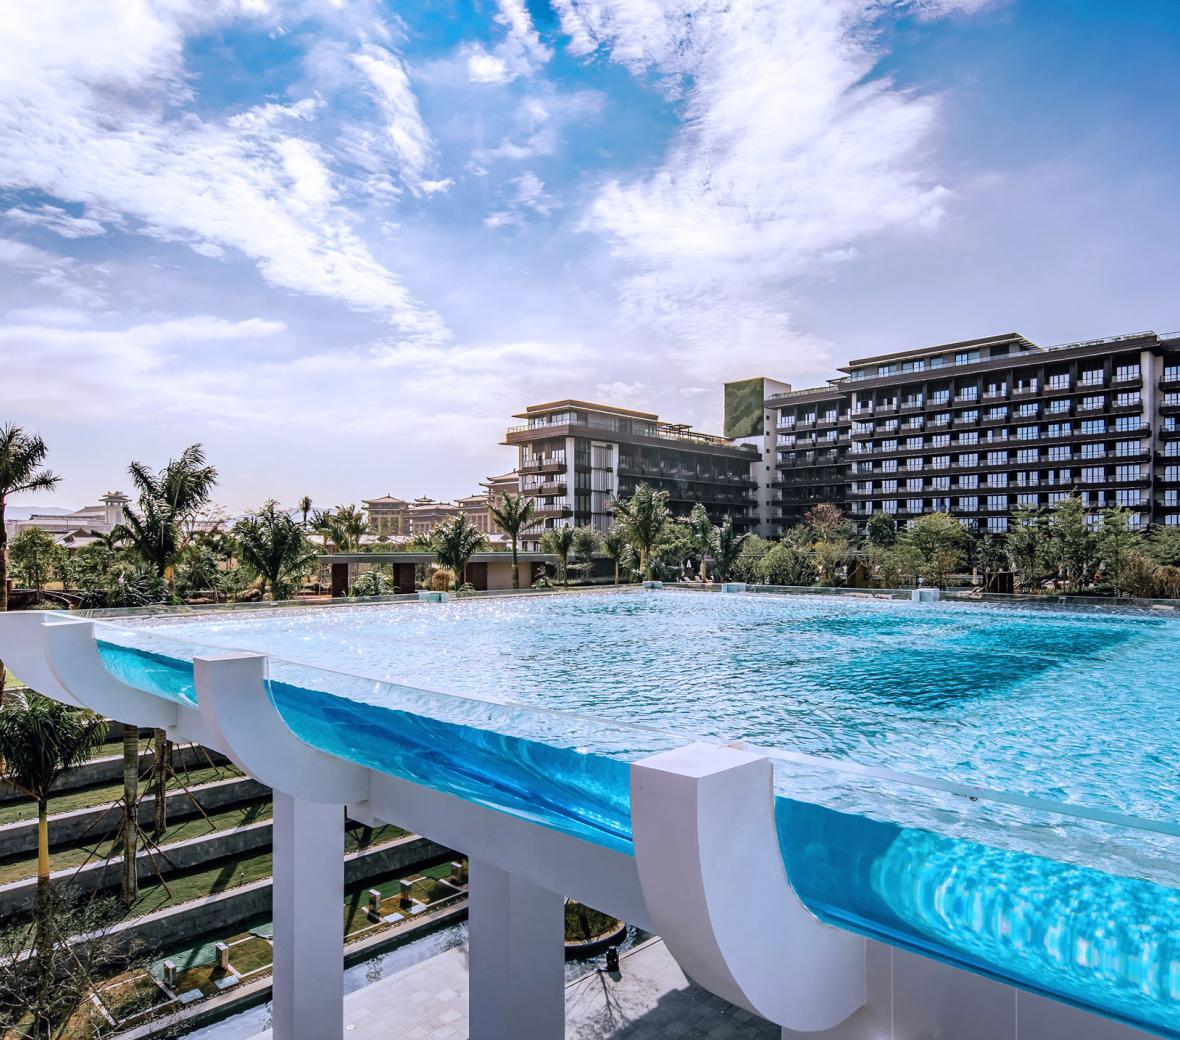 Sky Pool at 1 Hotel Haitang Bay